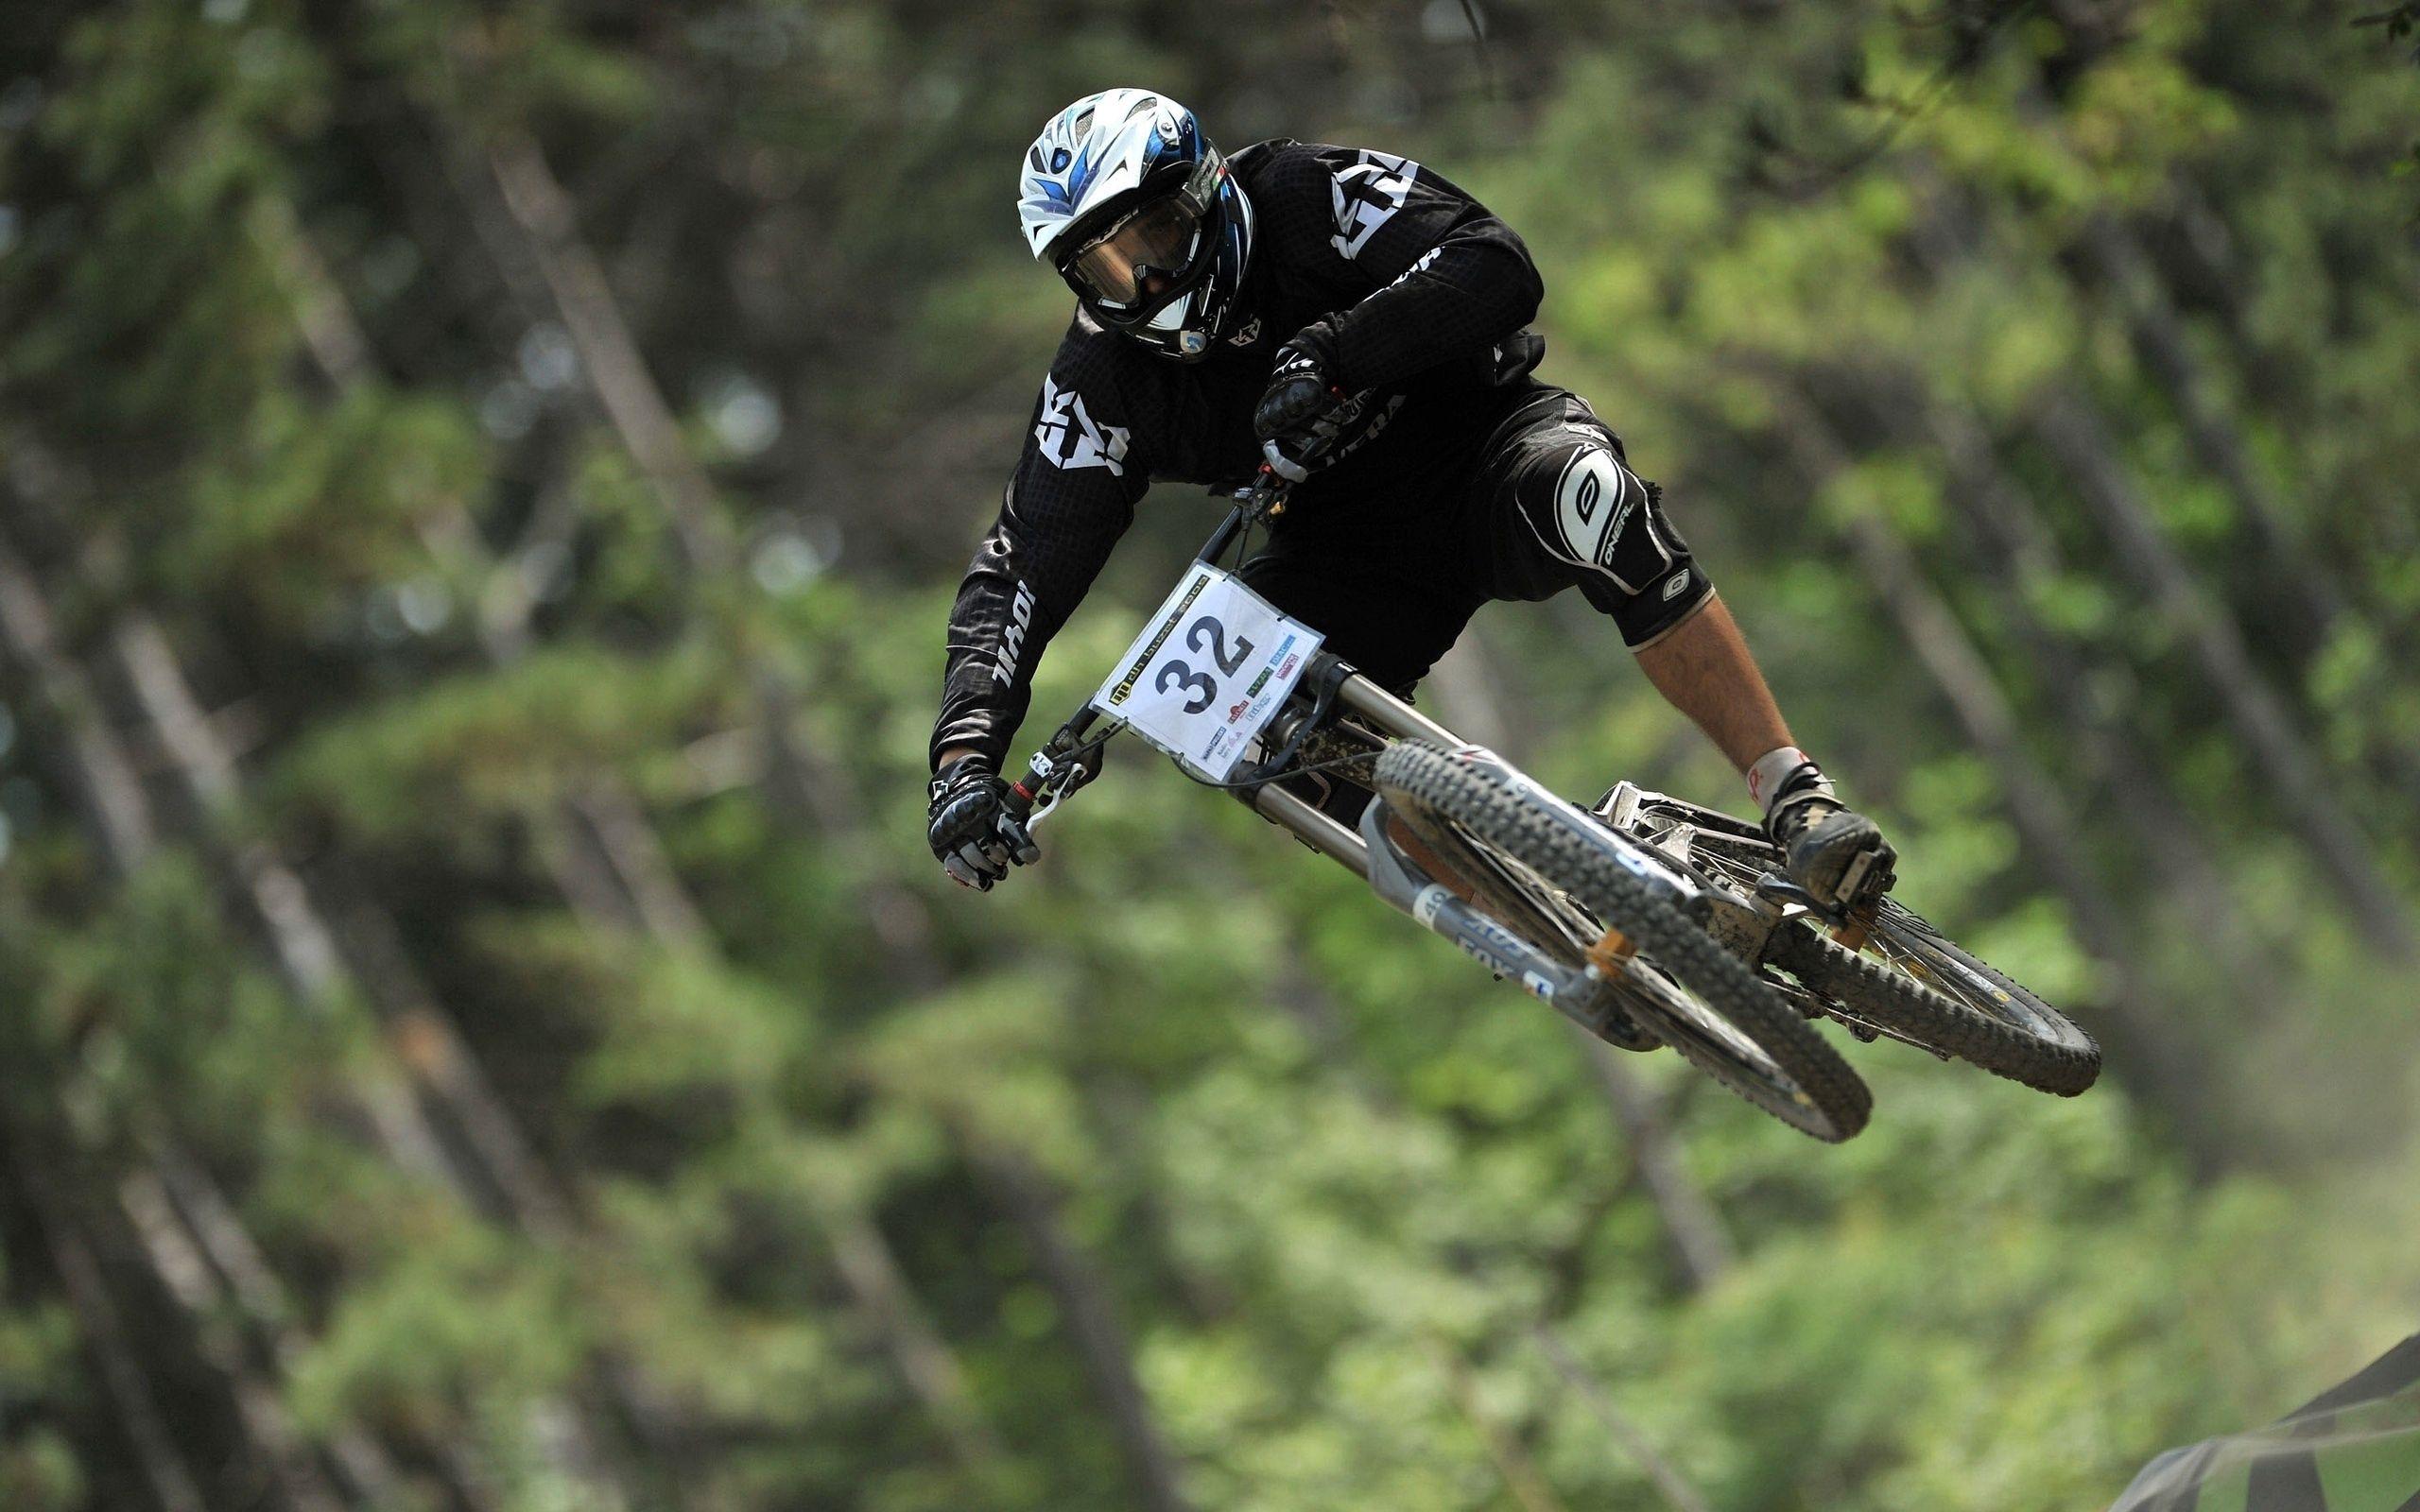 117228 скачать обои Спорт, Велосипед, Полет, Велоспорт, Downhill - заставки и картинки бесплатно